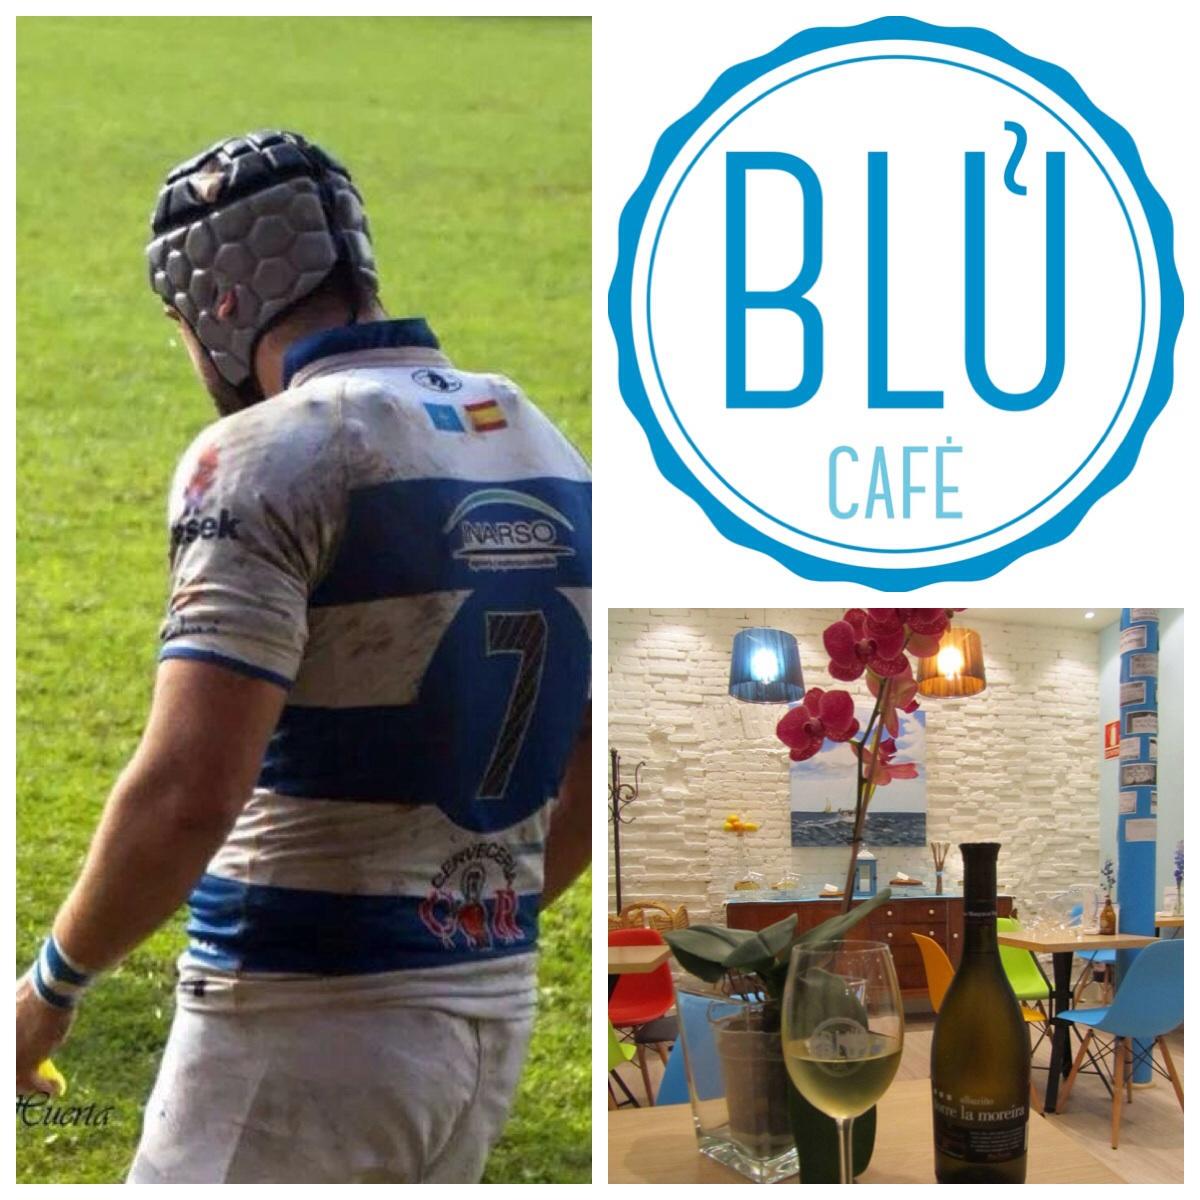 Publicidad Bonano Blú Cafe